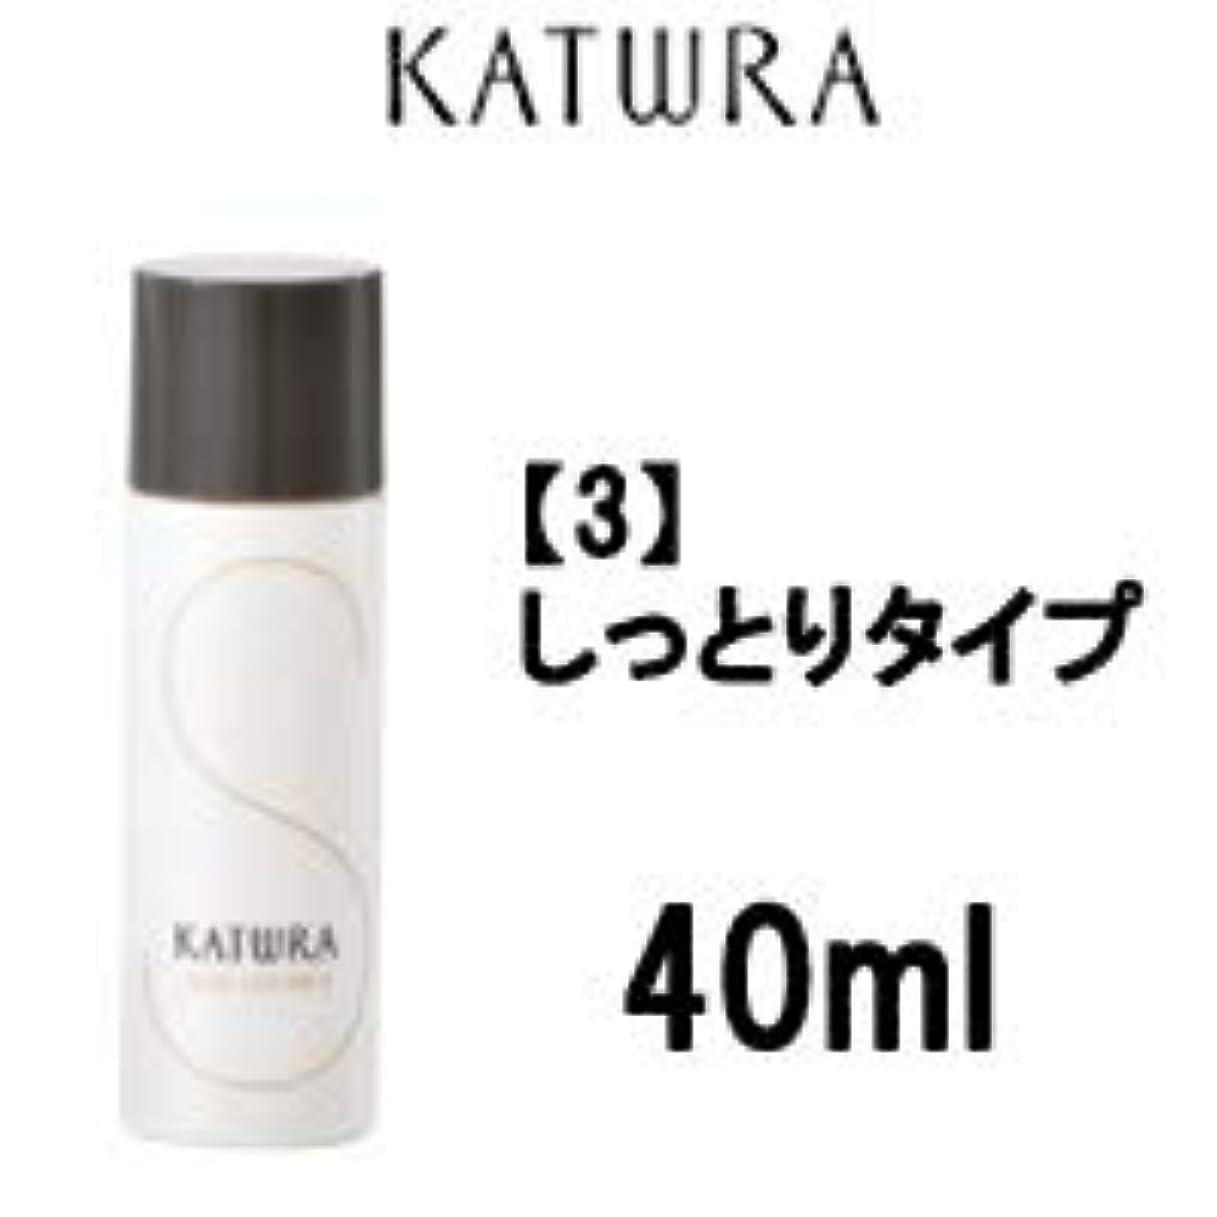 ラオス人特異な損失カツウラ化粧品 スキンローションA 40ml (3 しっとりタイプ)